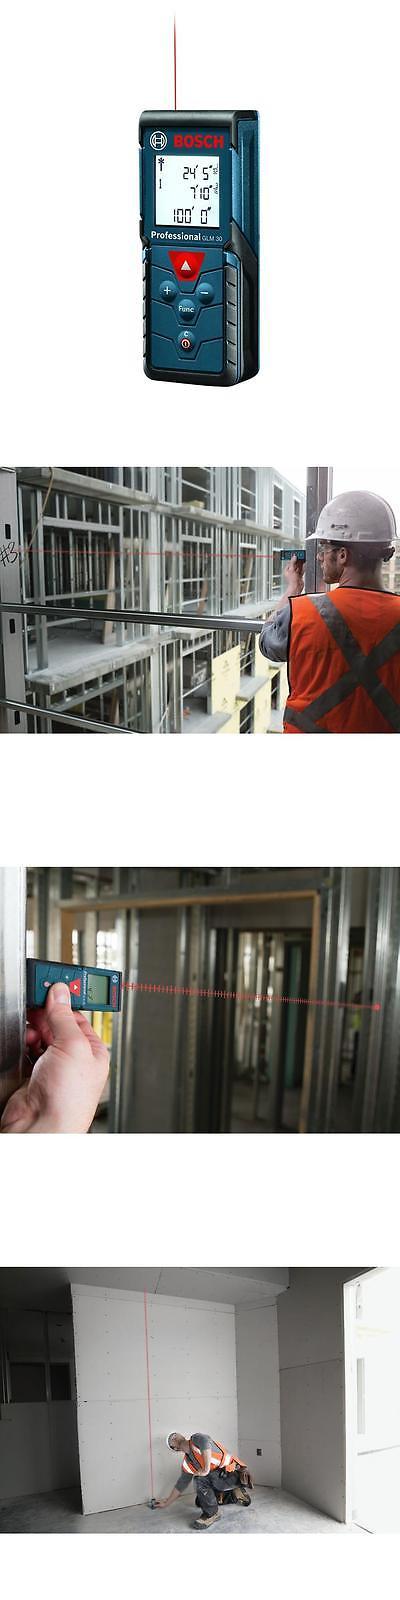 Bosch 100 Ft Laser Tape Measure Meter Range Digital Professional Distance